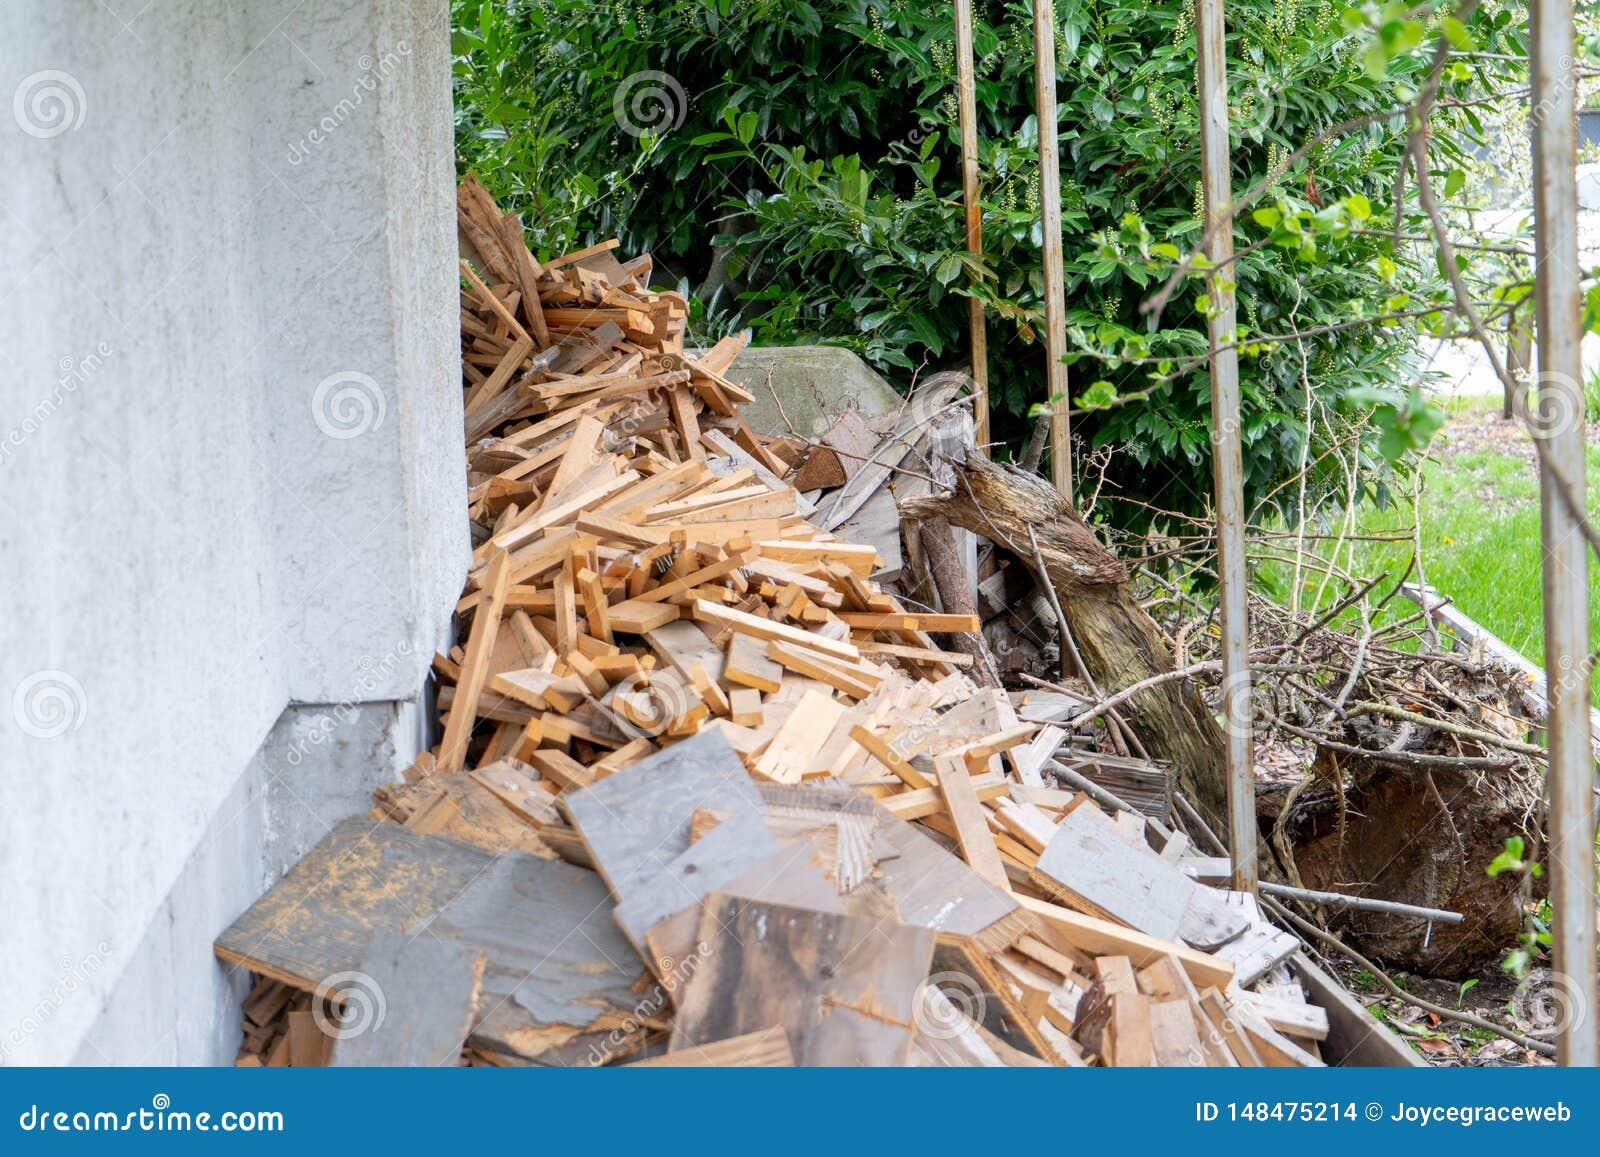 La pile des chutes en bois a coupé, ou prépare pour être réutilisée et les déchets réutilisés et ou autrement considérés d ordure